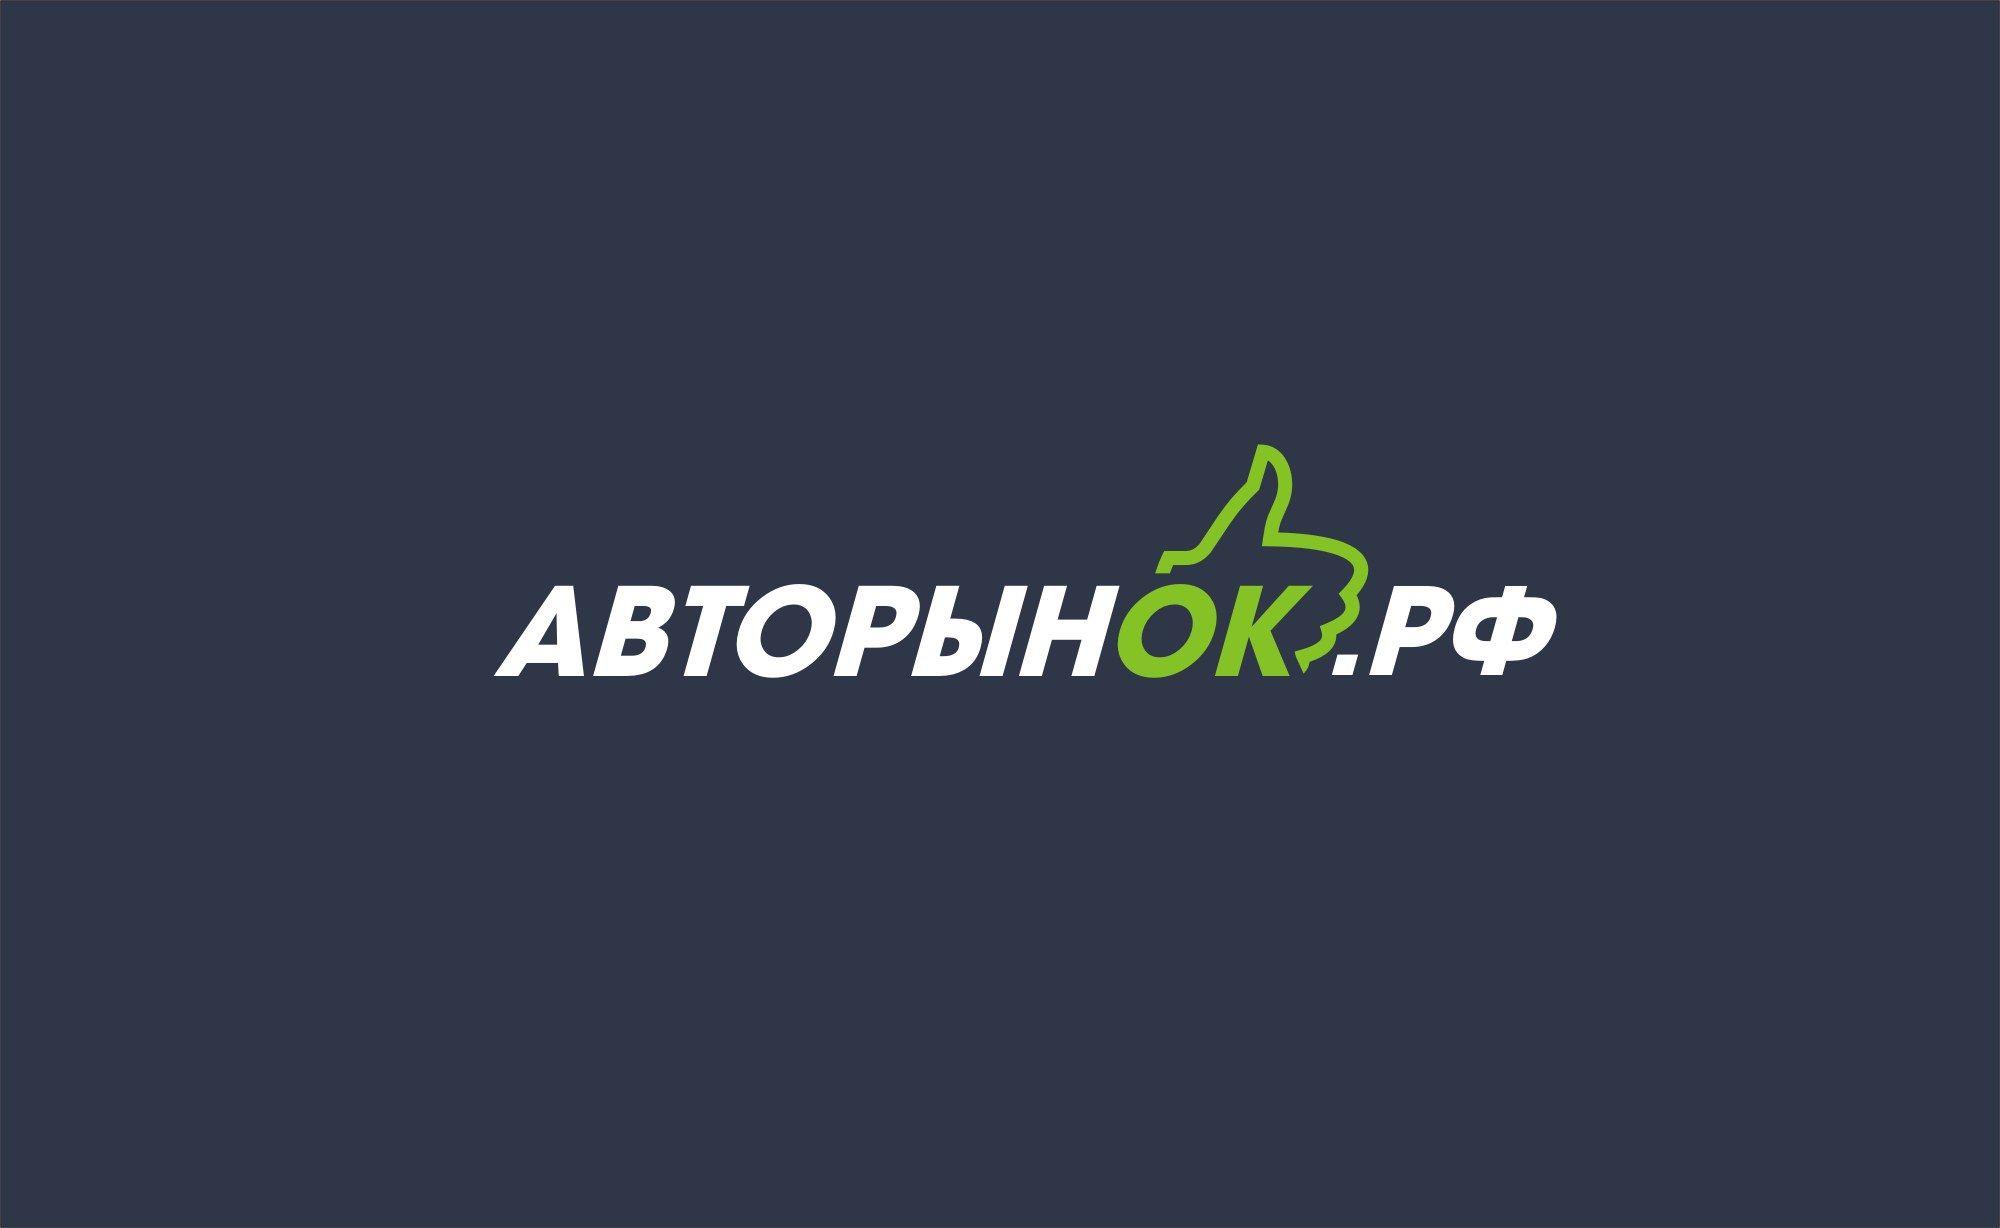 Логотип для сайта Авторынок.рф - дизайнер Nik_Vadim